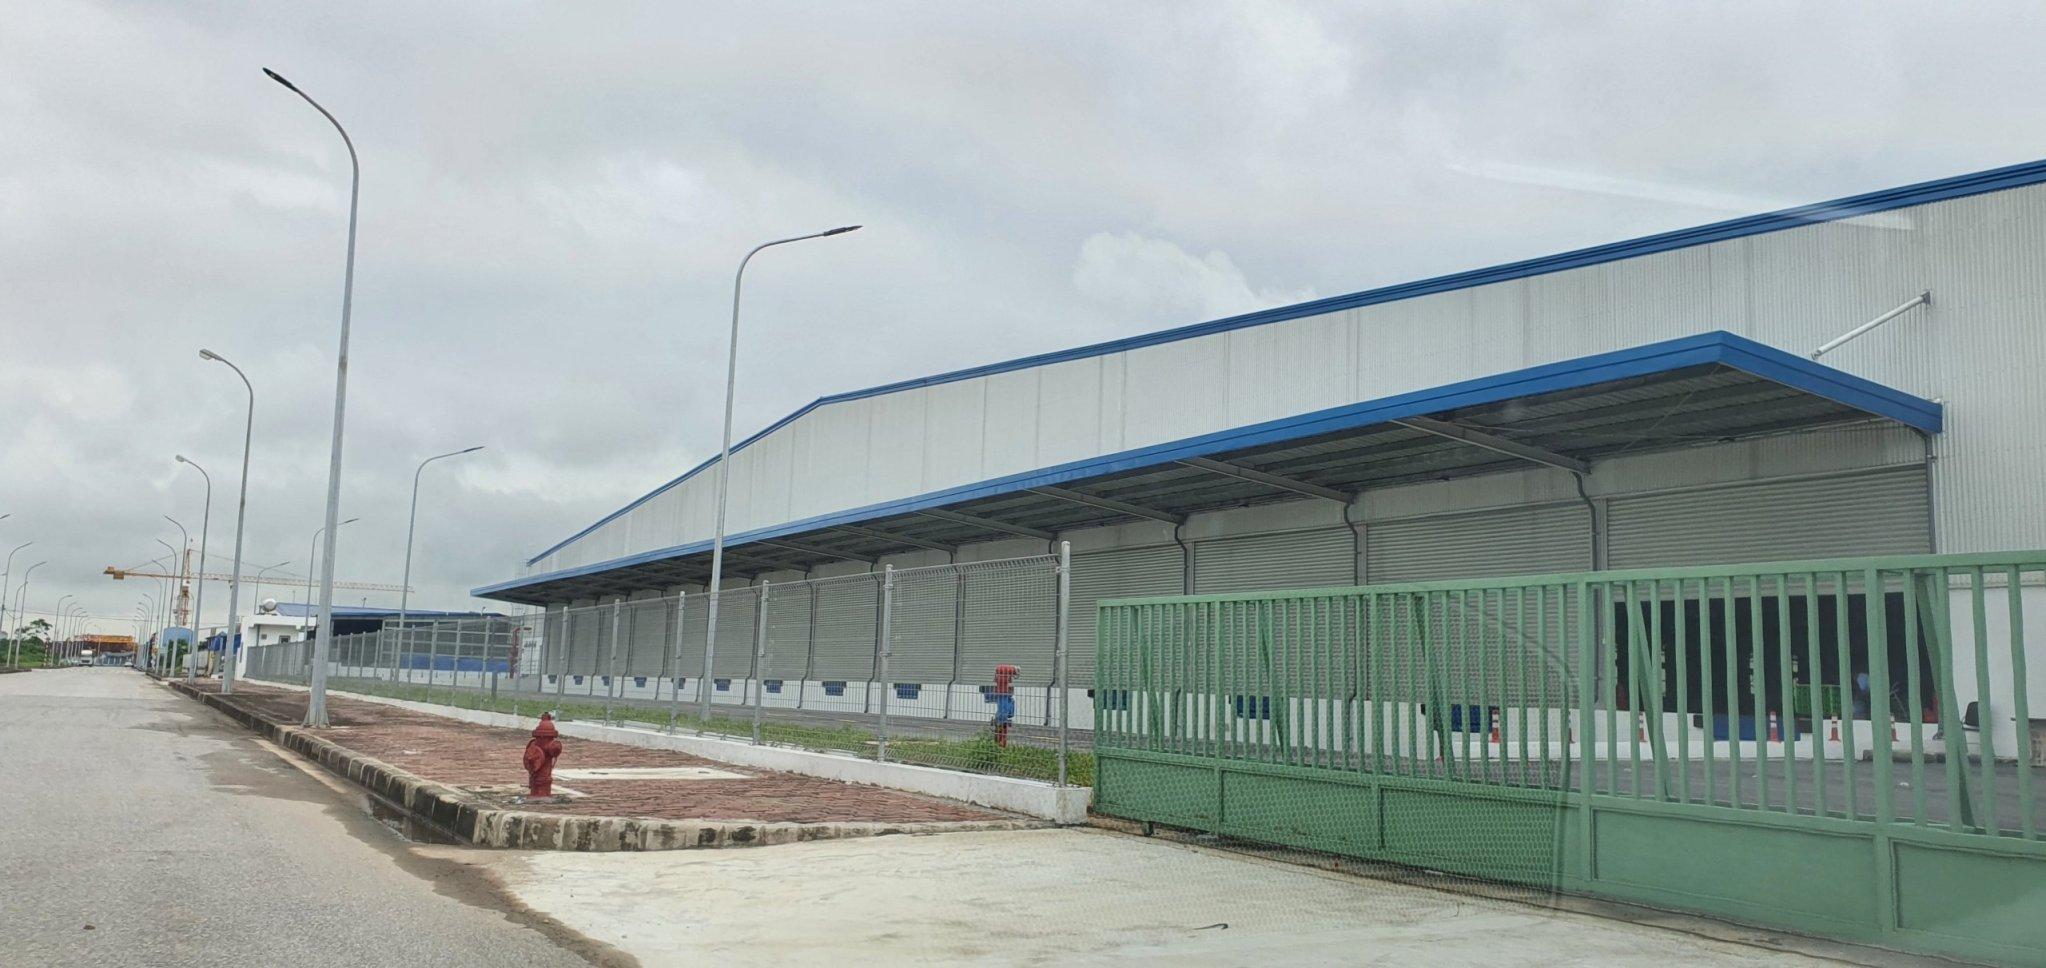 Cho thuê 13000m kho xưởng tại KCN Đài Tư, Long Biên giá rẻ